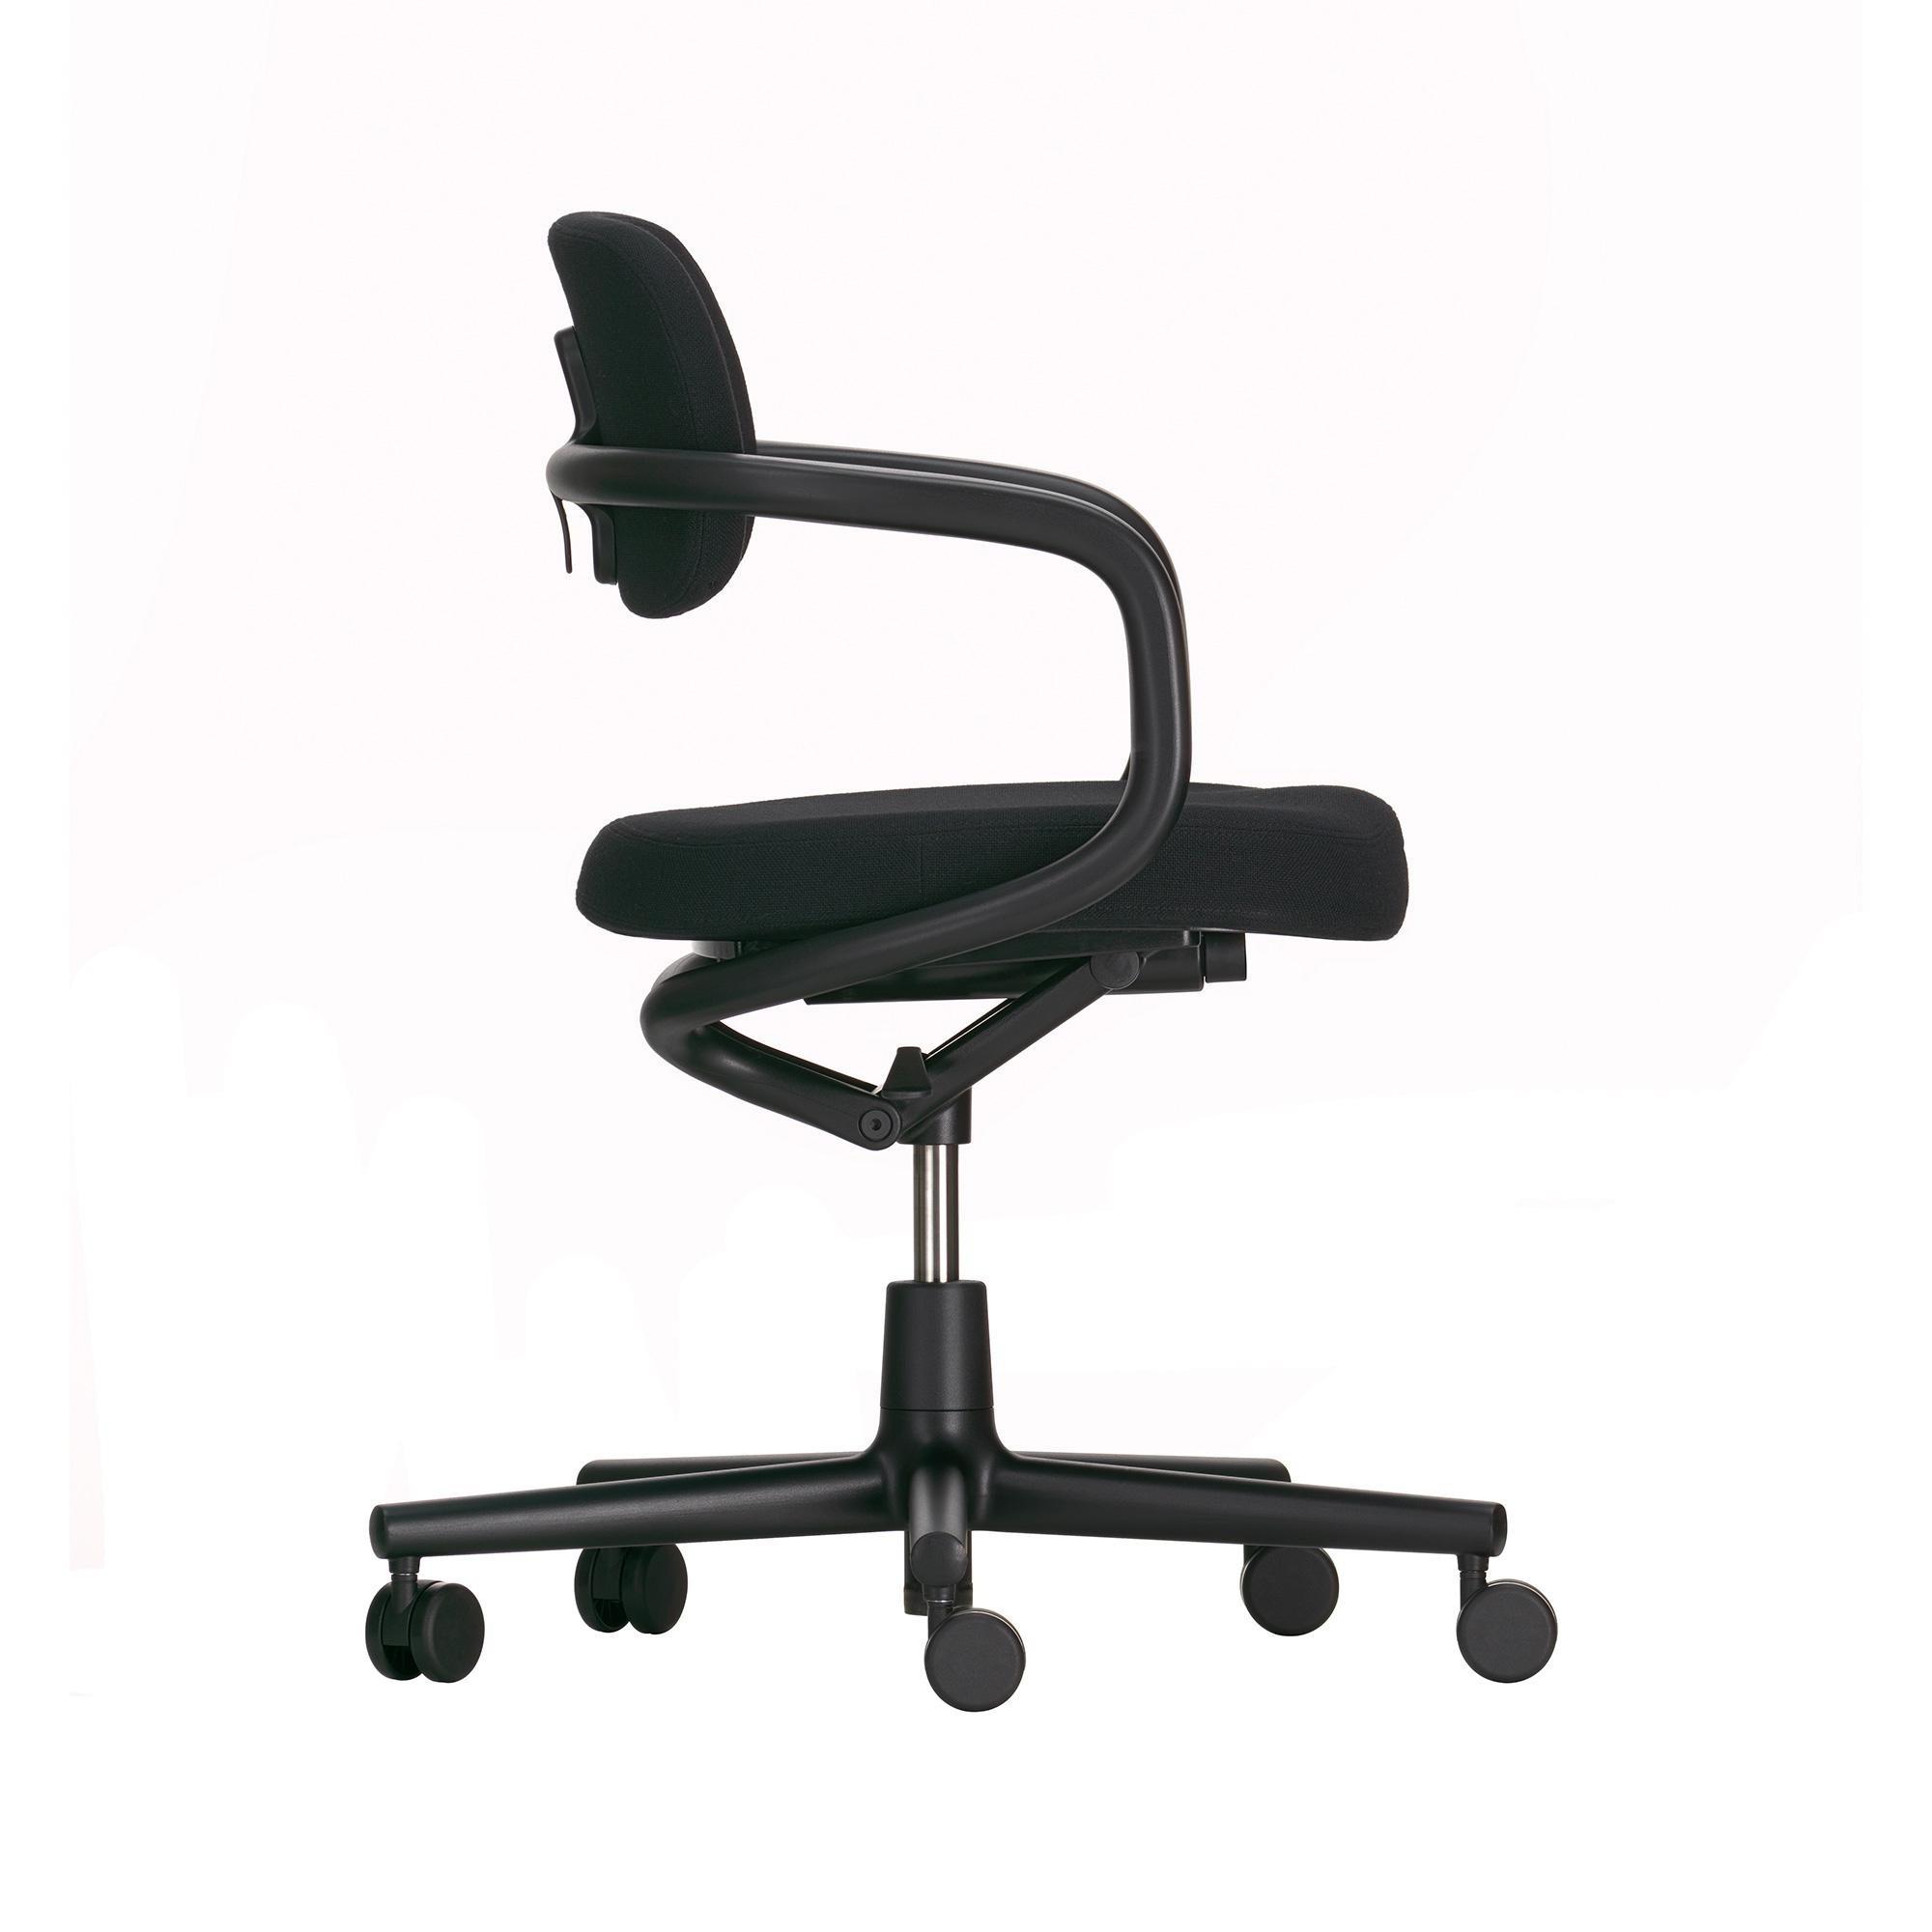 Vitra allstar silla de oficina ambientedirect - Sillas vitra precios ...